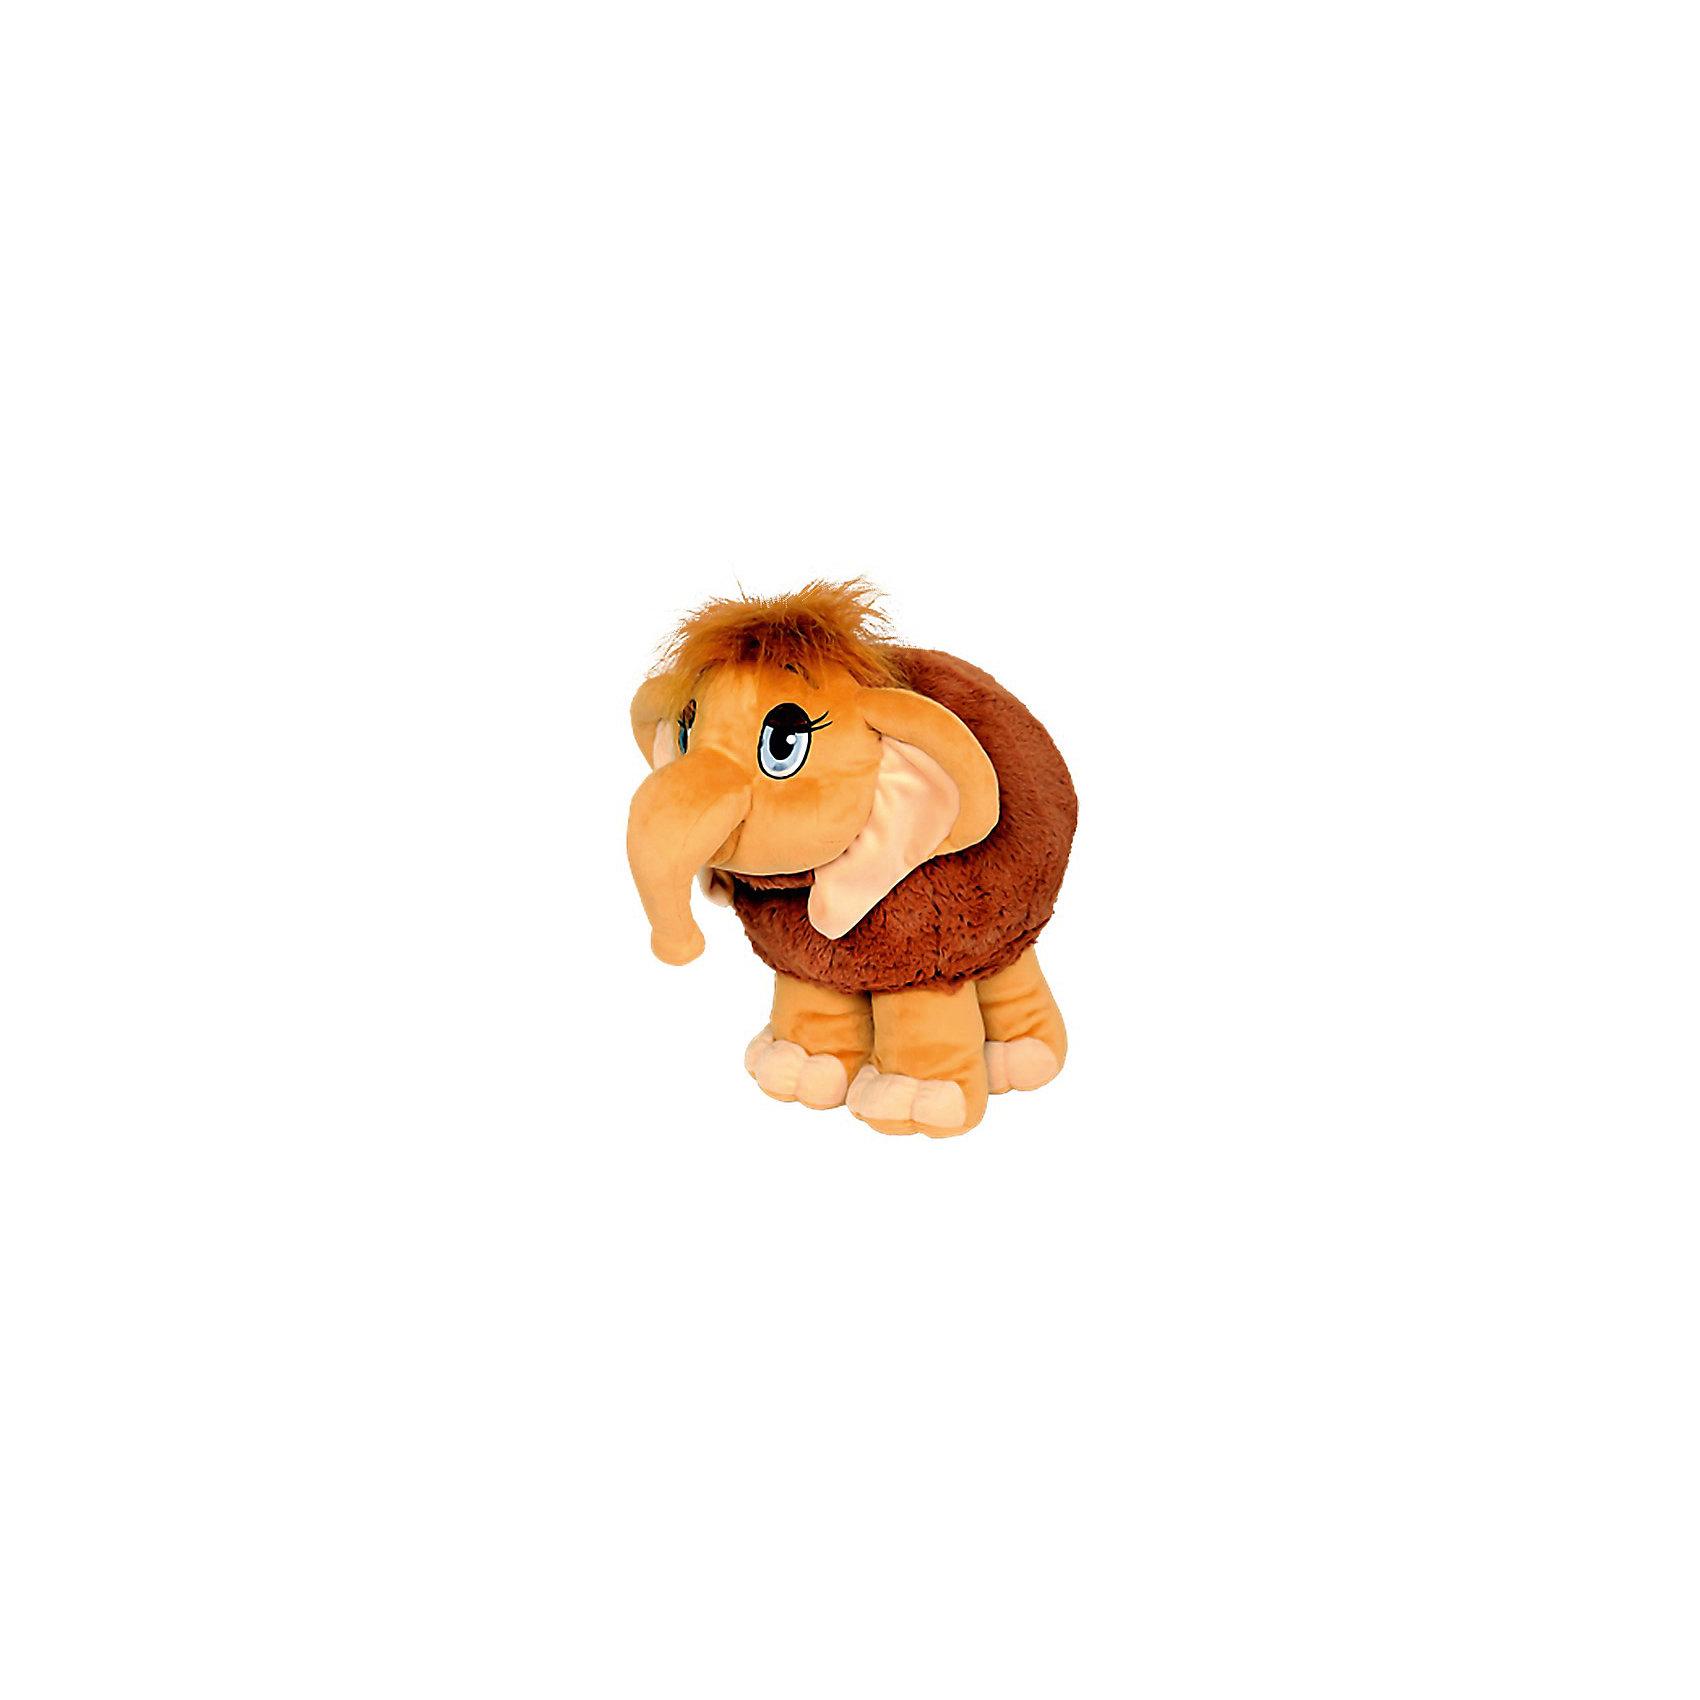 Мягкая игрушка Мамонтенок, СмолТойсМягкие игрушки животные<br>Мамонтенок, СмолТойс  - чудесная мягкая игрушка, которая станет отличным подарком детям любого возраста. У мамонтенка очень мягкая, приятная на ощупь коричневая шерстка и добрая трогательная мордочка с большими глазами. Ребенок с удовольствием будет обнимать и тискать эту очаровательную зверюшку и даже сможет брать ее с собой в кровать, игрушка выполнена из гипоаллергенных материалов и совершенно безопасна для детей. Способствует развитию воображения и тактильной чувствительности у детей.<br><br>Дополнительная информация:<br><br>- Материал: текстиль, плюш.<br>- Размер игрушки: 45 см.<br>- Размер упаковки: 45 x 35 x 41 см.<br>- Вес: 0,5 кг.<br><br>Мягкую игрушку Мамонтенок, СмолТойс, можно купить в нашем интернет-магазине.<br><br>Ширина мм: 450<br>Глубина мм: 350<br>Высота мм: 410<br>Вес г: 500<br>Возраст от месяцев: 36<br>Возраст до месяцев: 49200<br>Пол: Унисекс<br>Возраст: Детский<br>SKU: 4540573